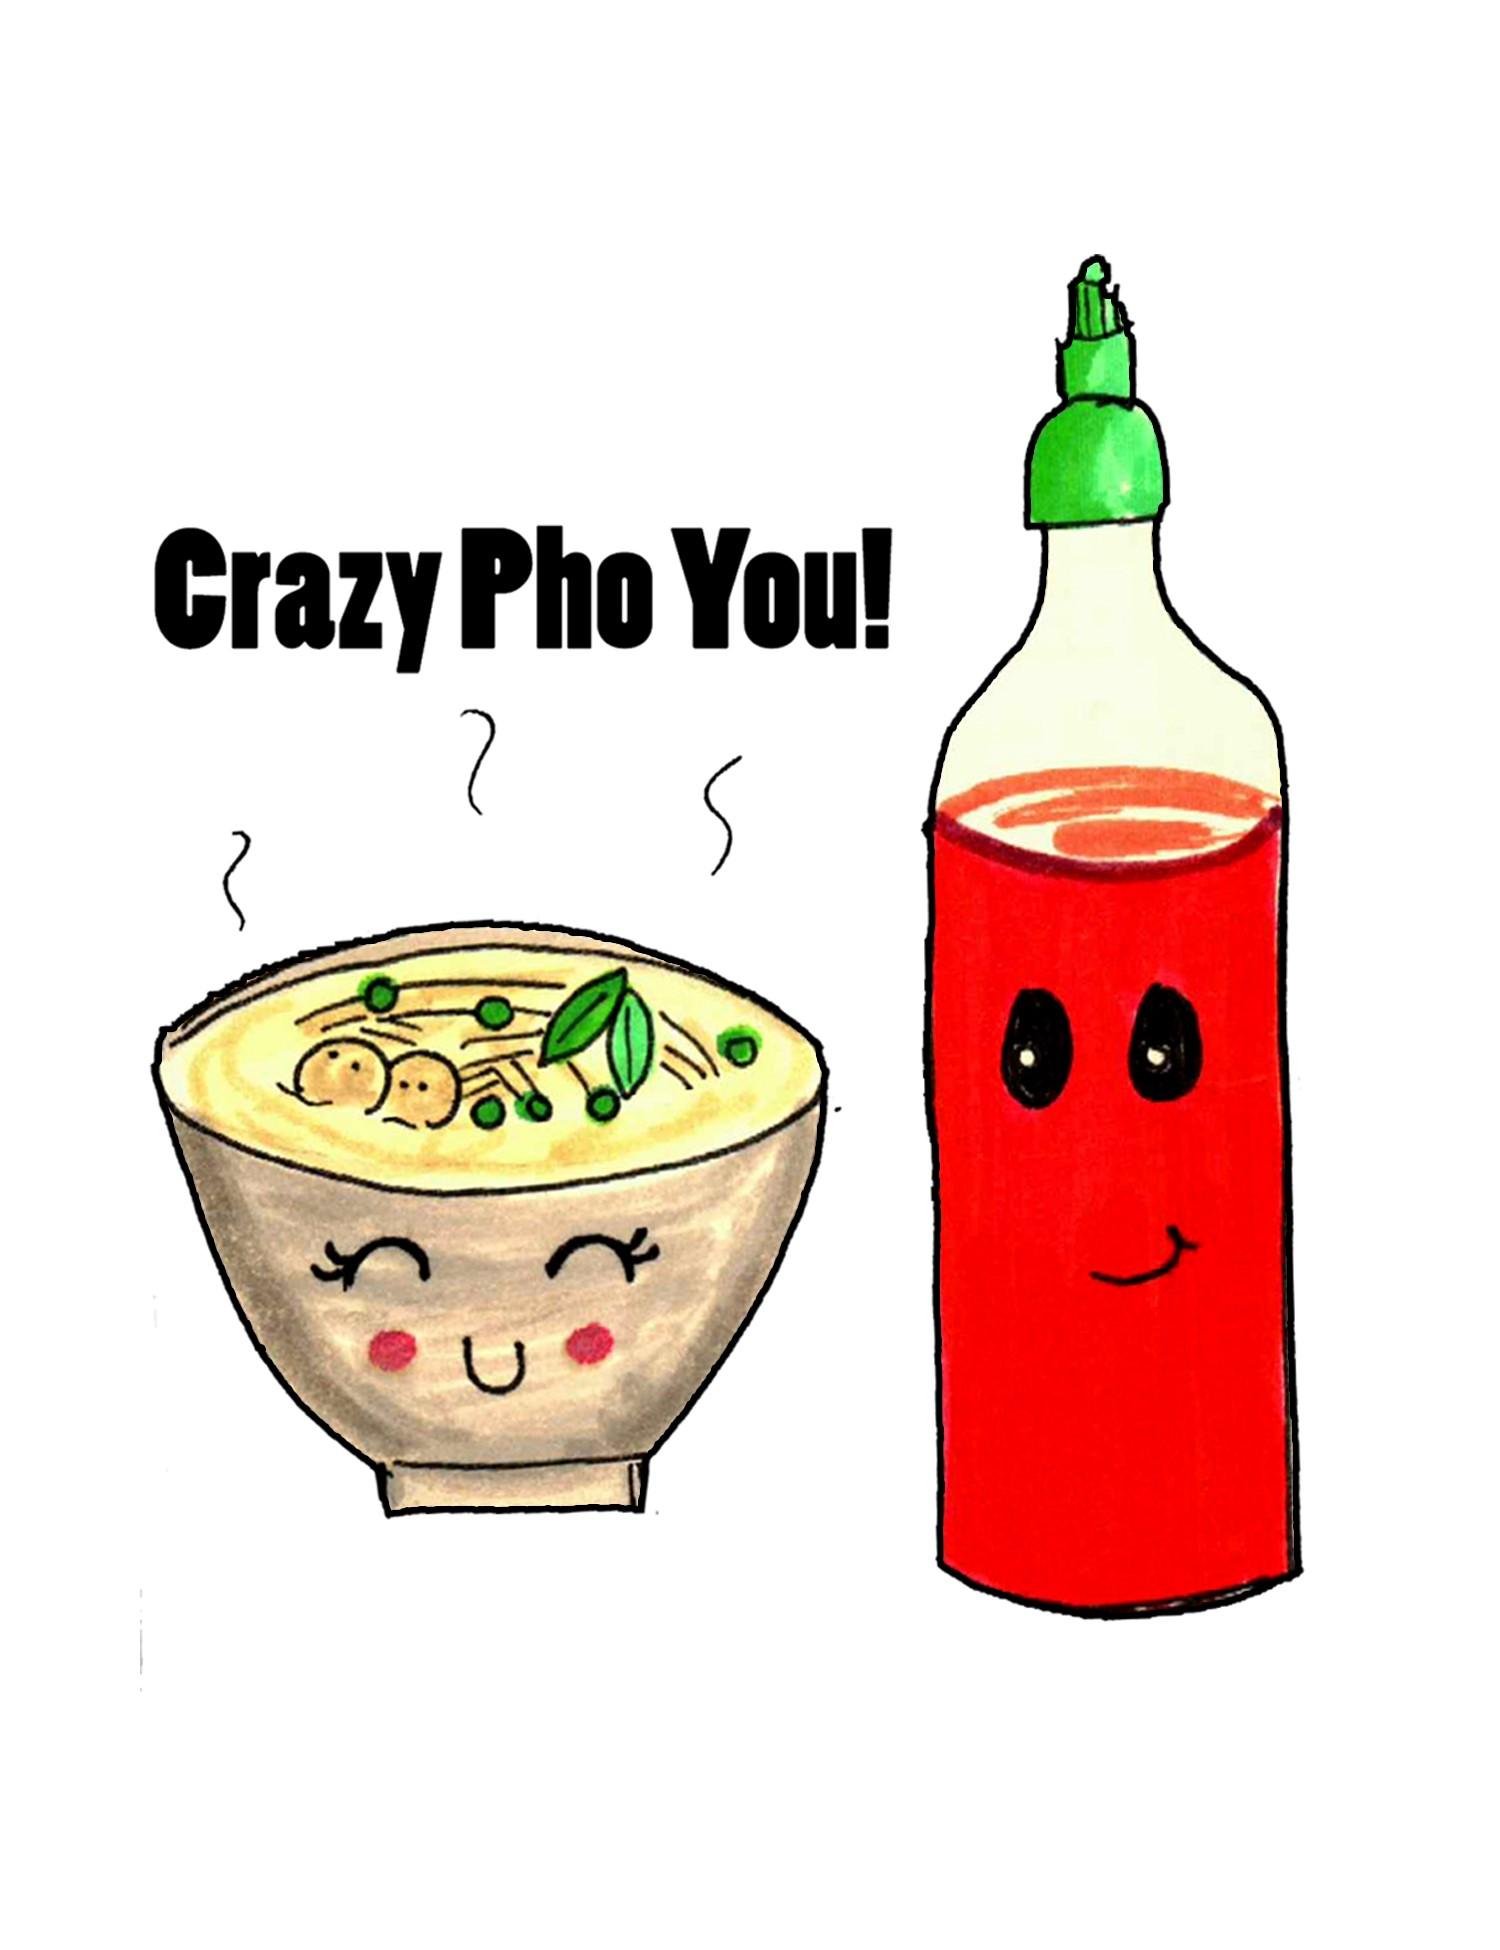 Crazy Pho You